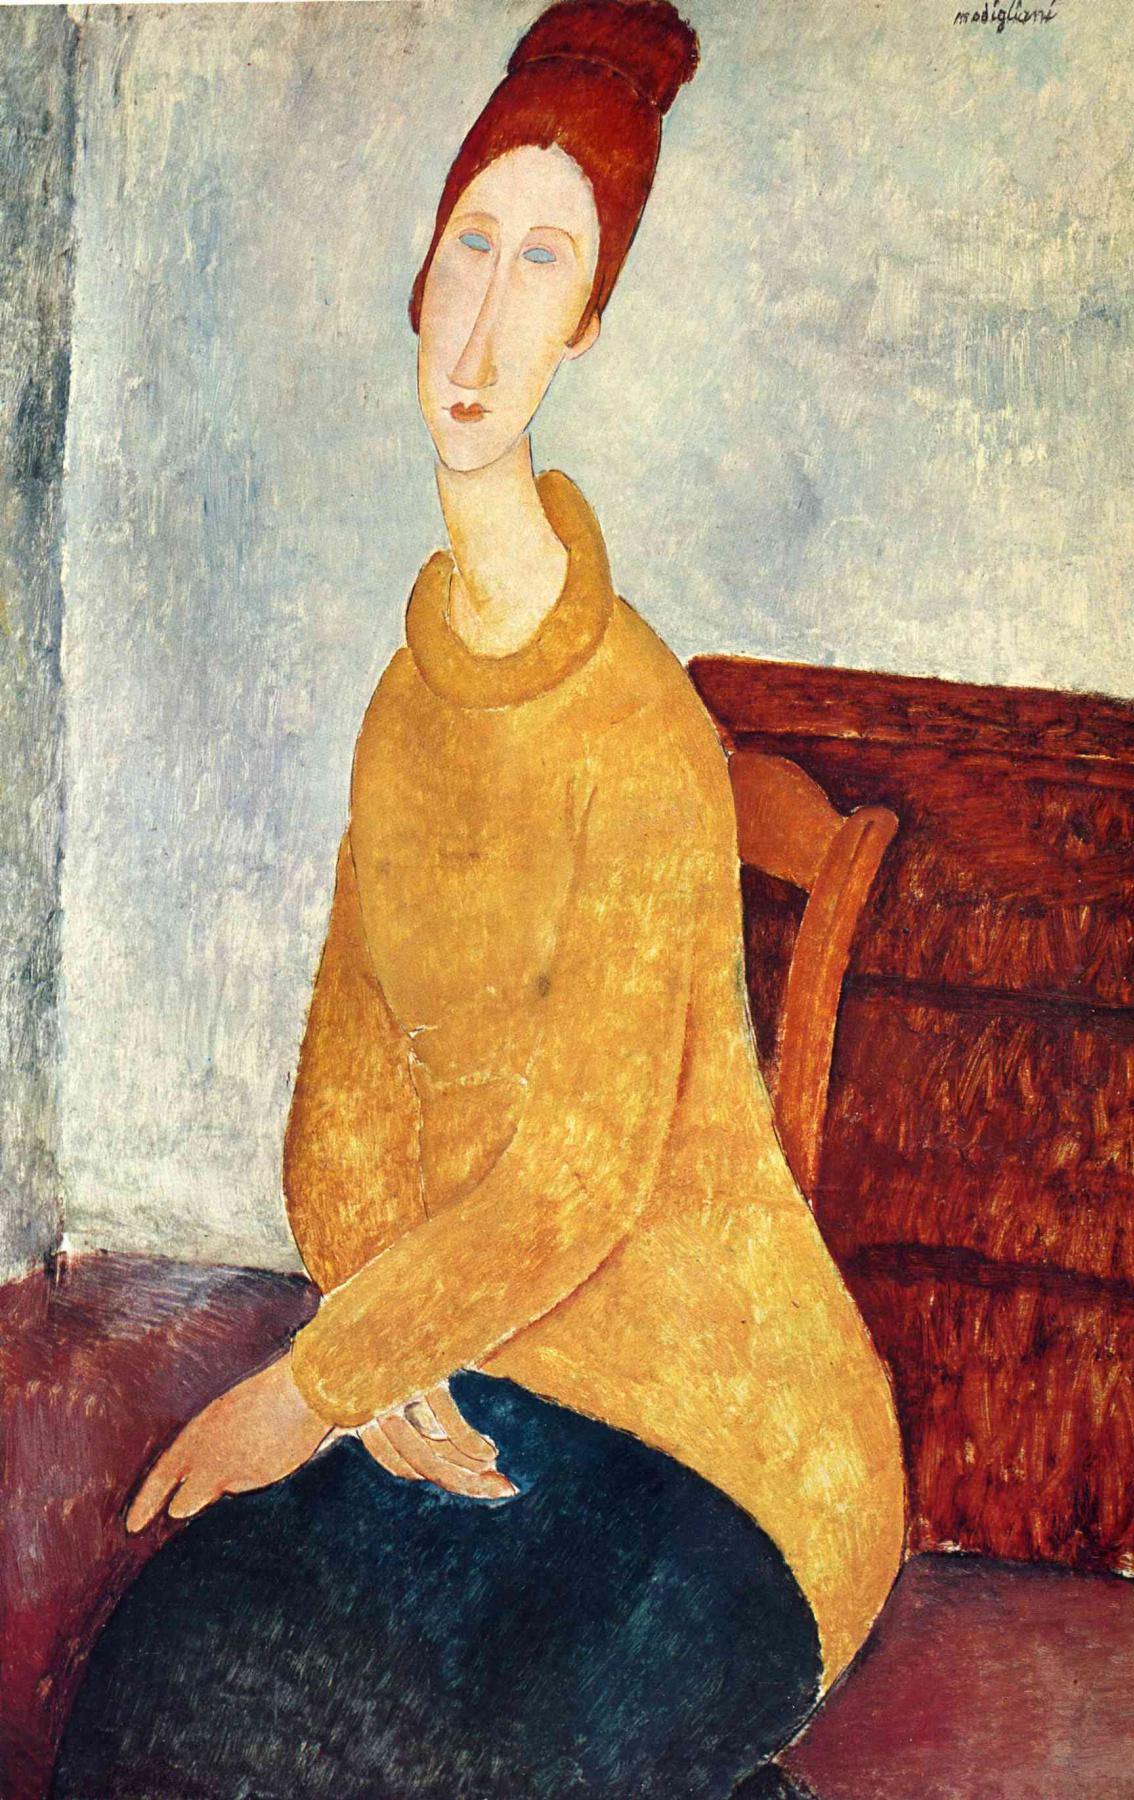 Amedeo Modigliani. Portrait of Jeanne hébuterne in yellow sweater